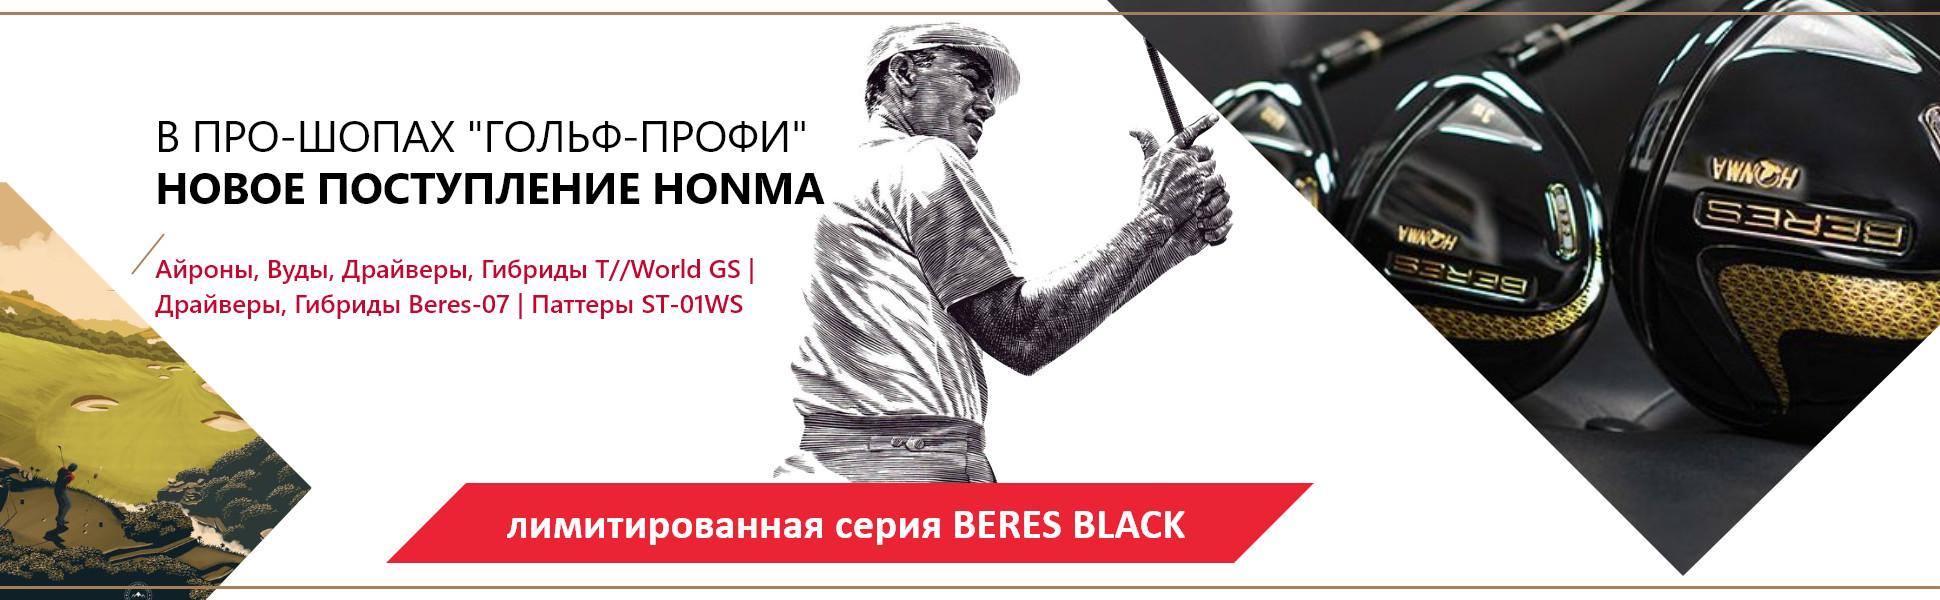 Honma - BERES BLACK